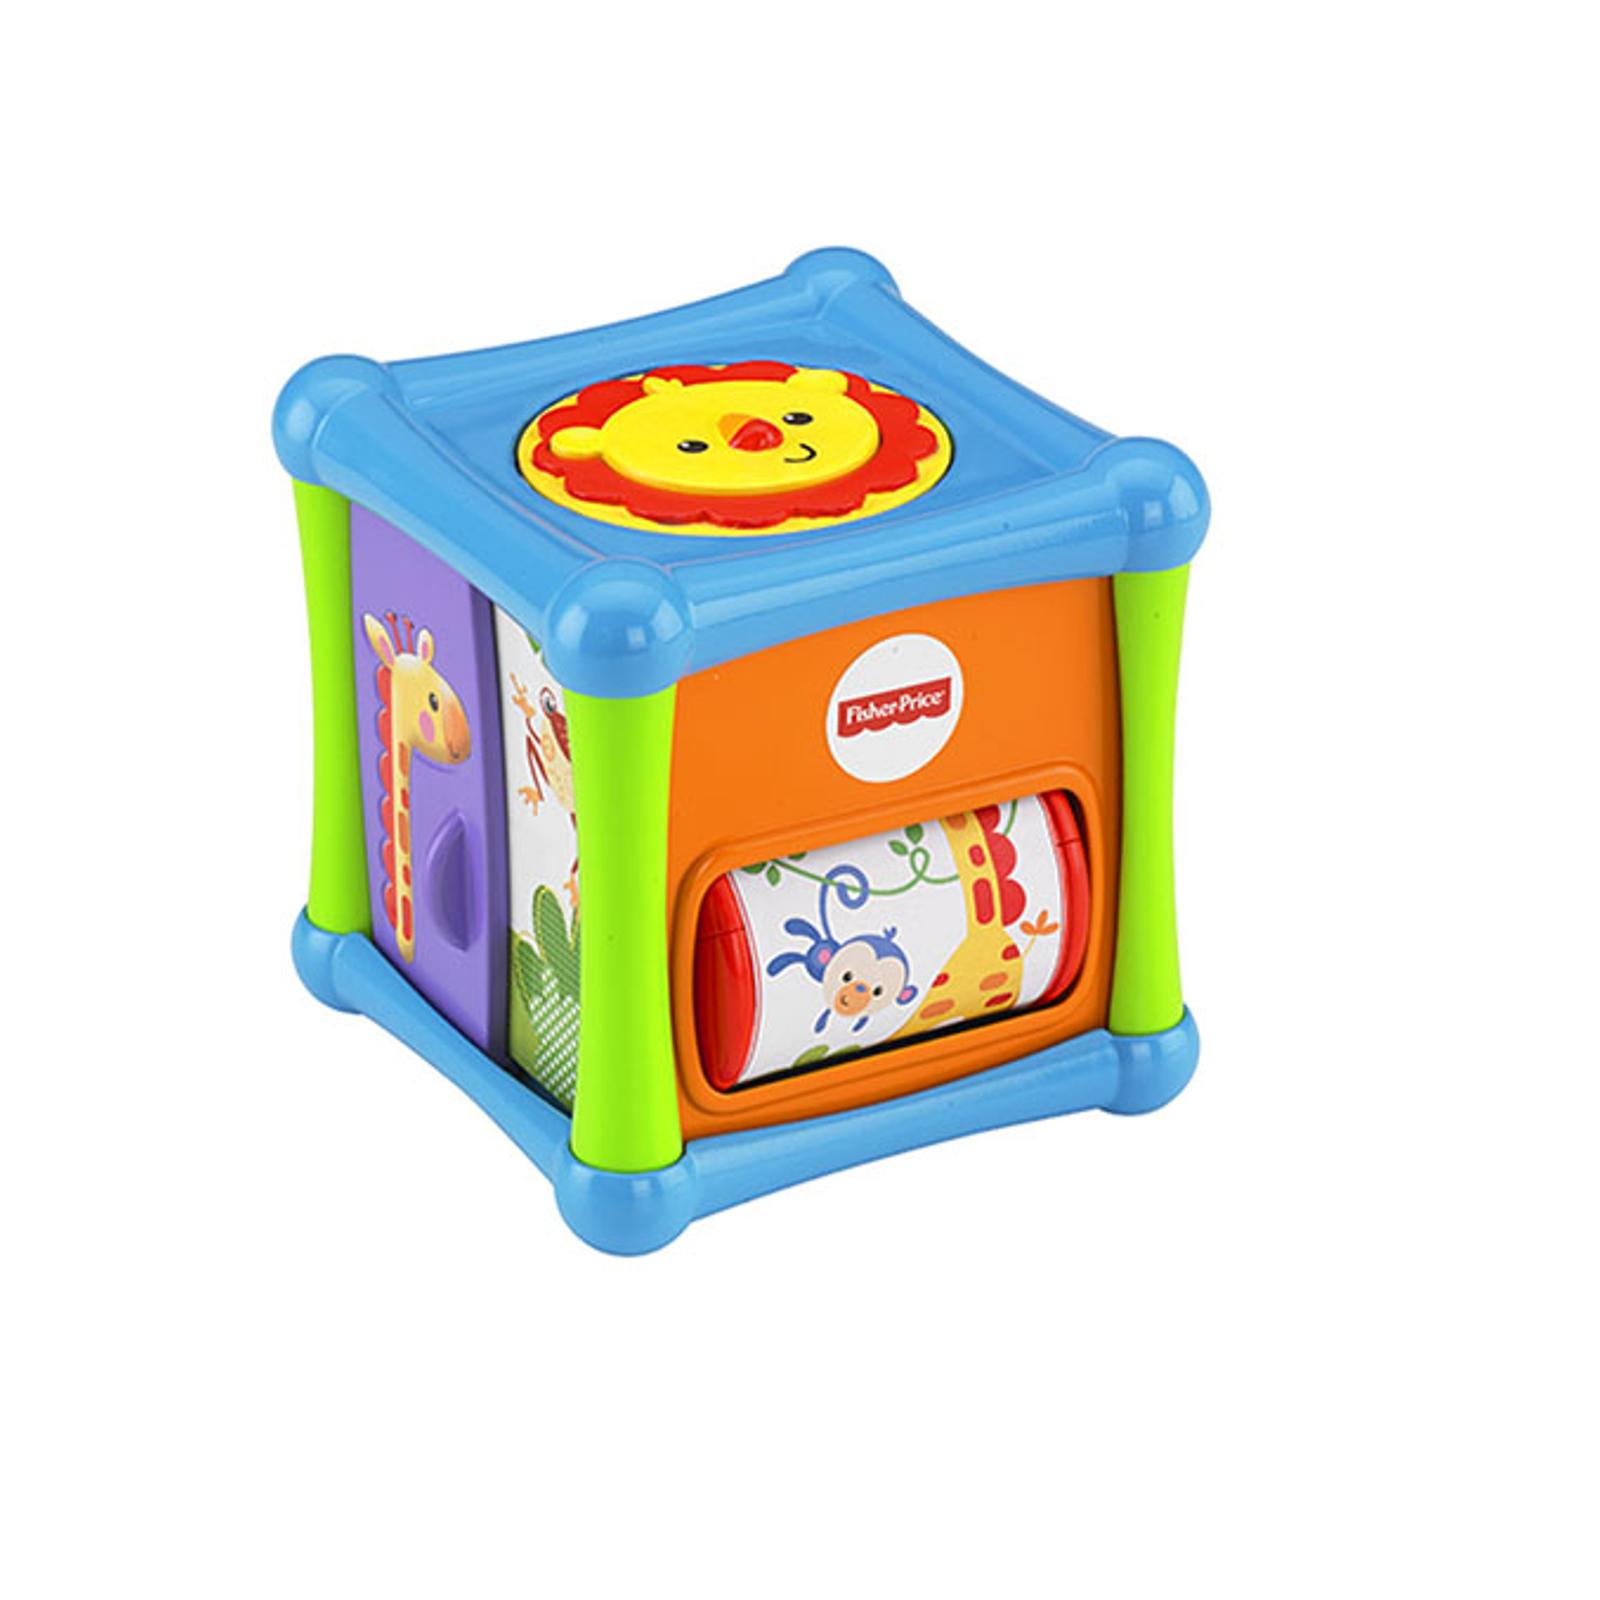 Развивающая игрушка Fisher Price Кубик для игр Веселые животные<br>